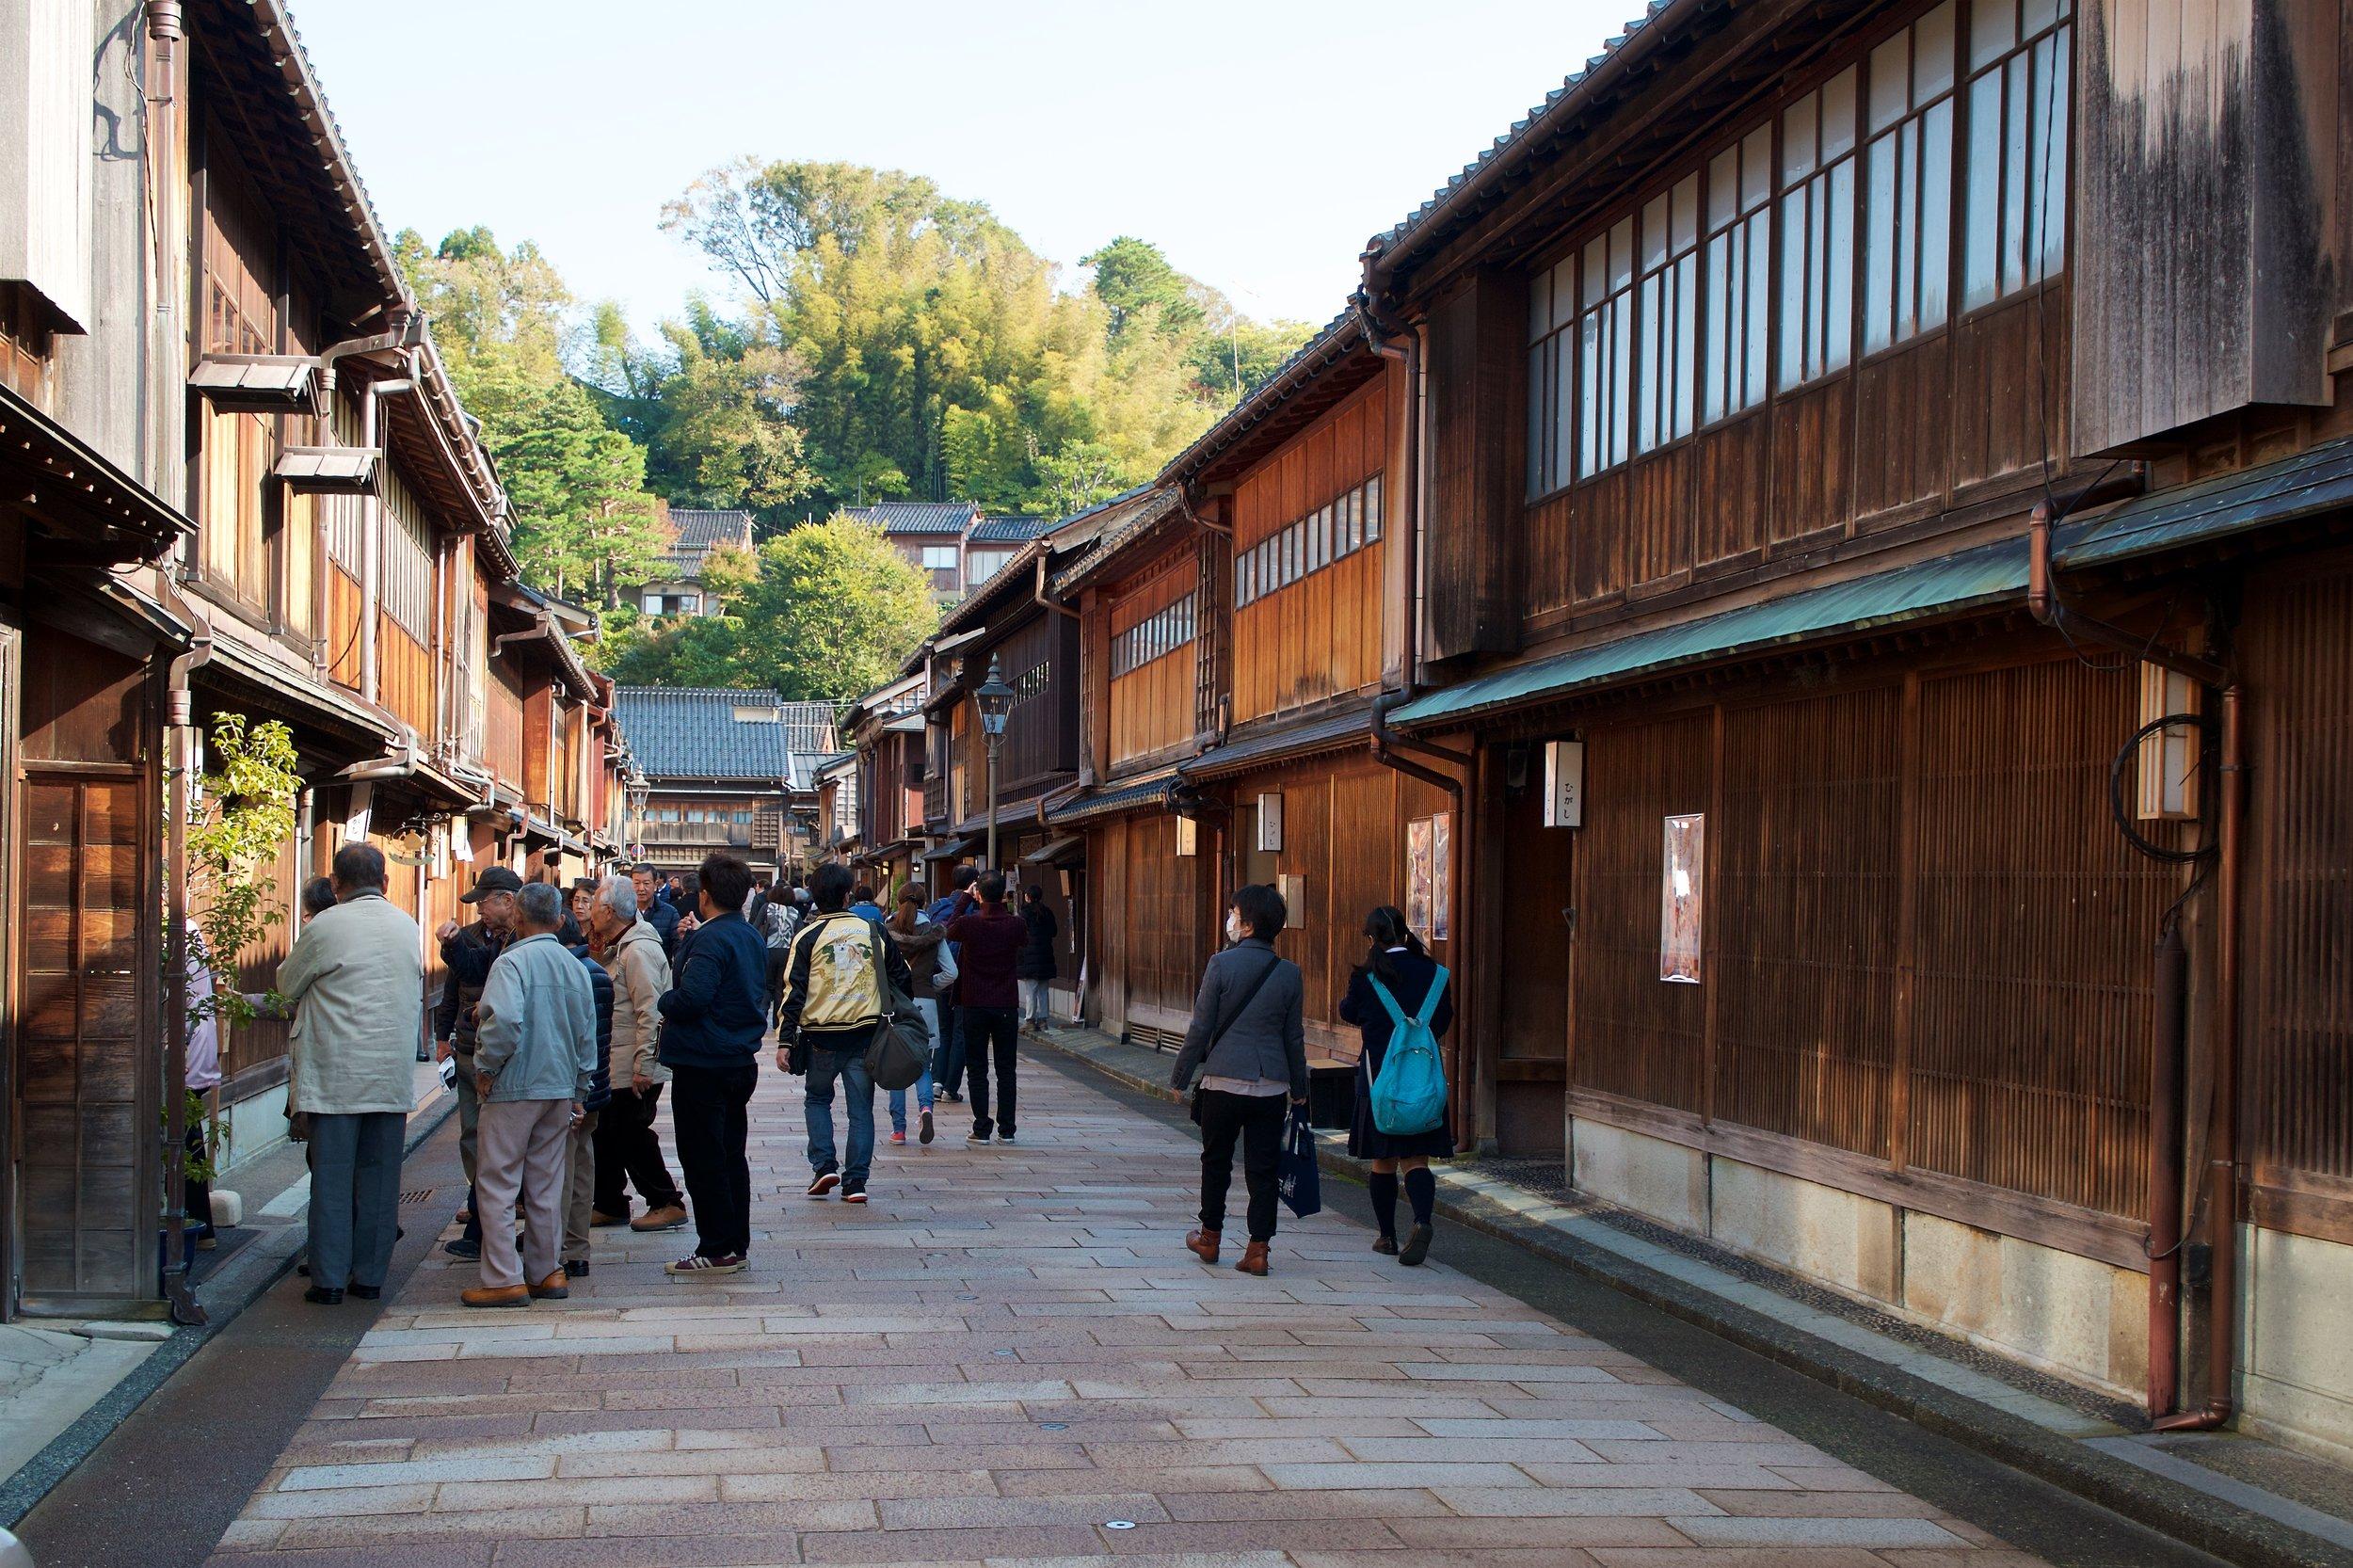 Higashi Chayagi District